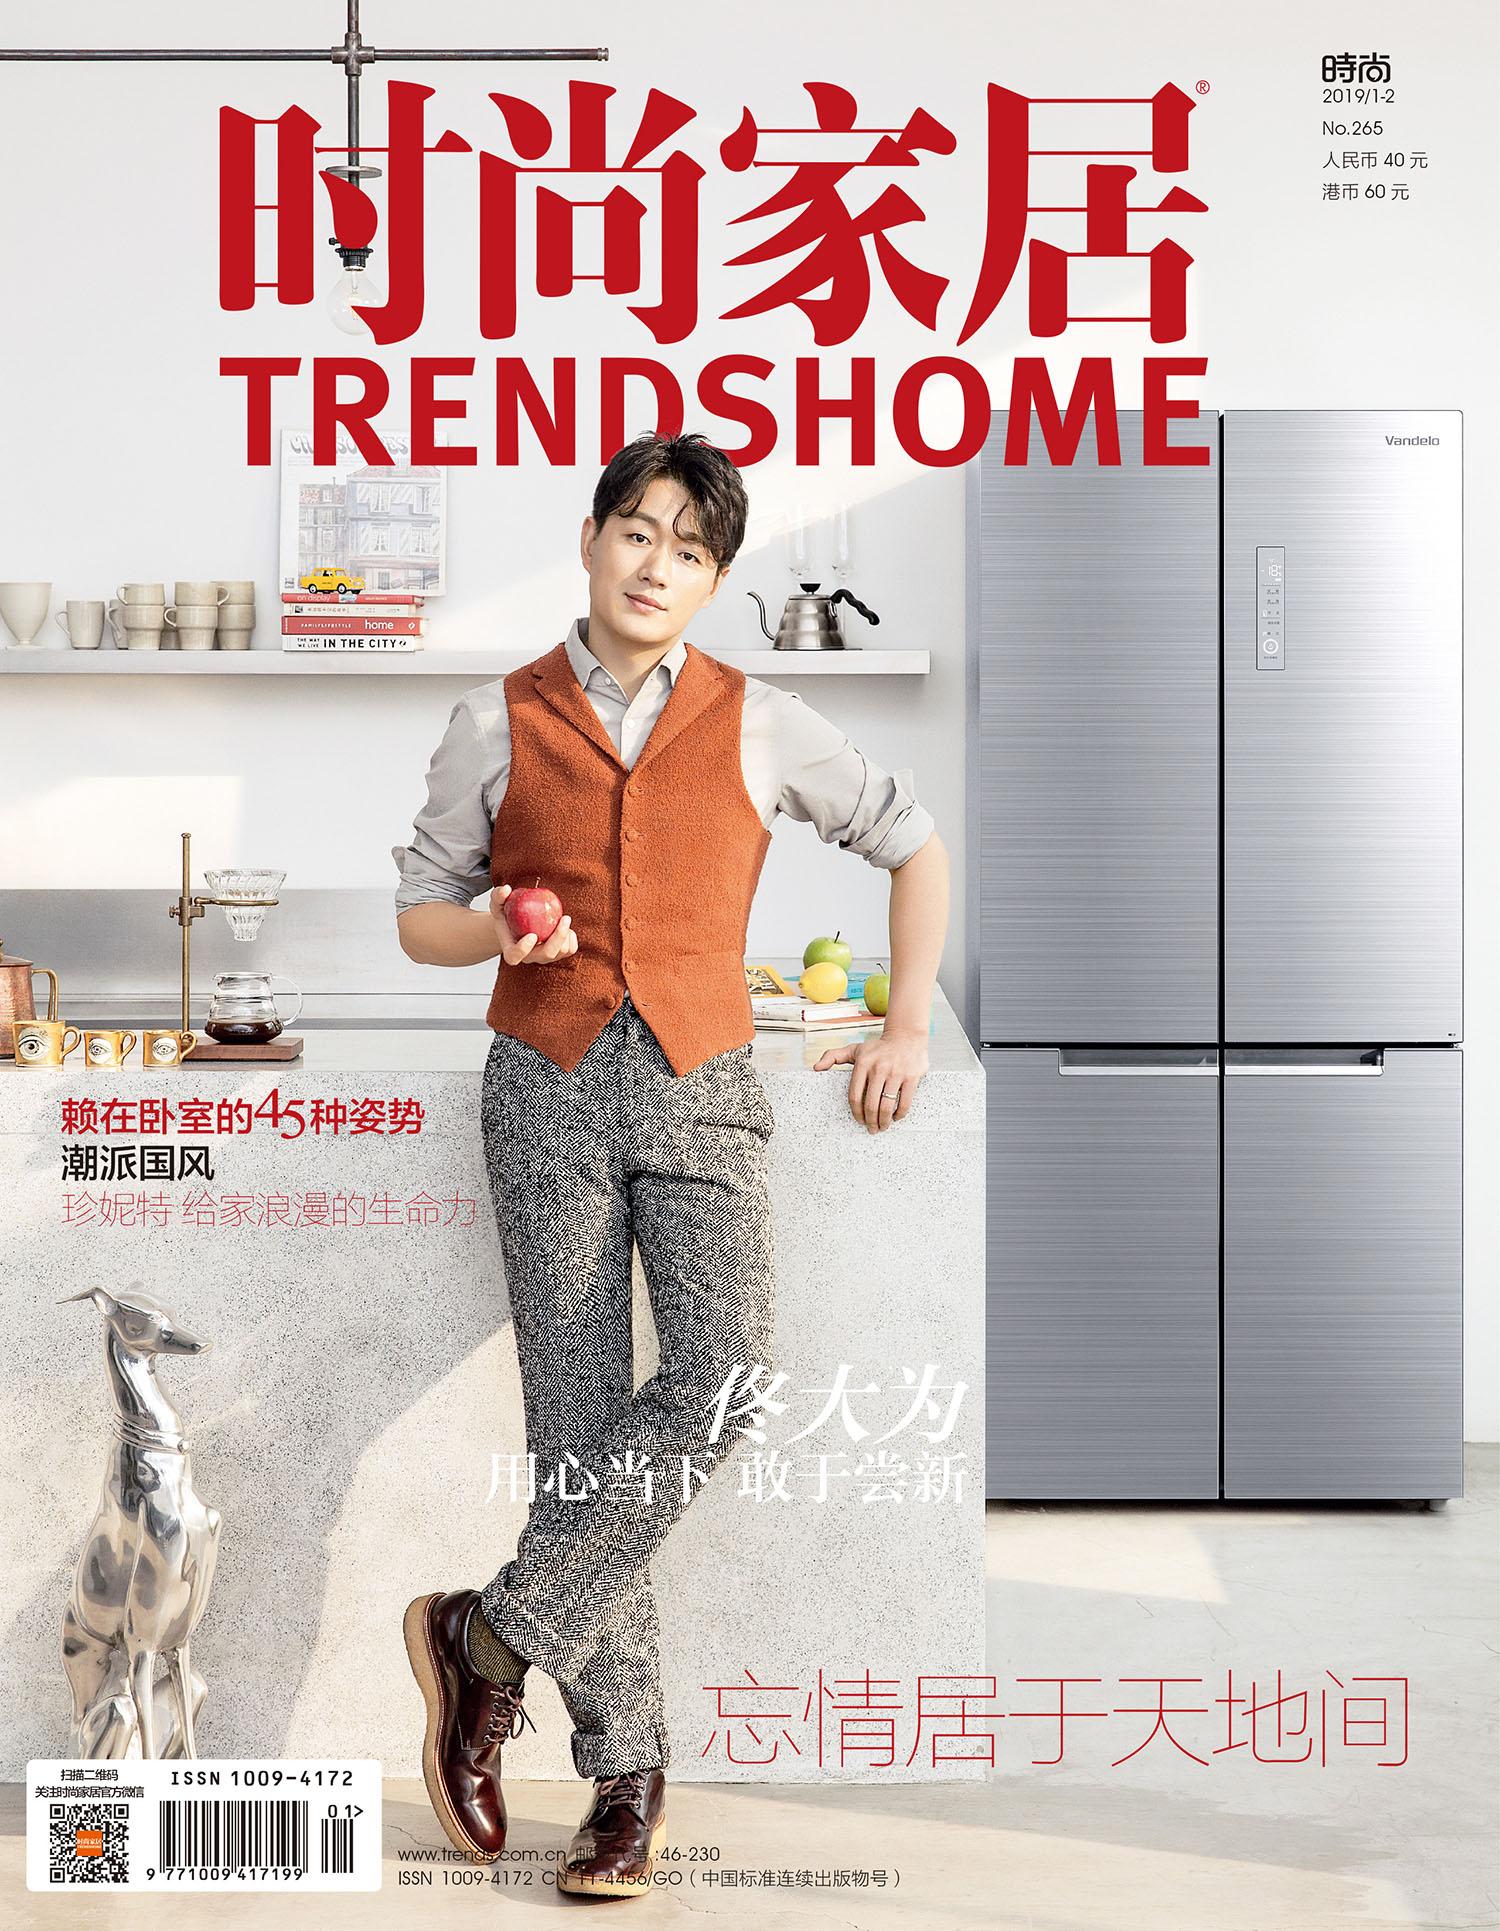 Trendshome cover.jpg